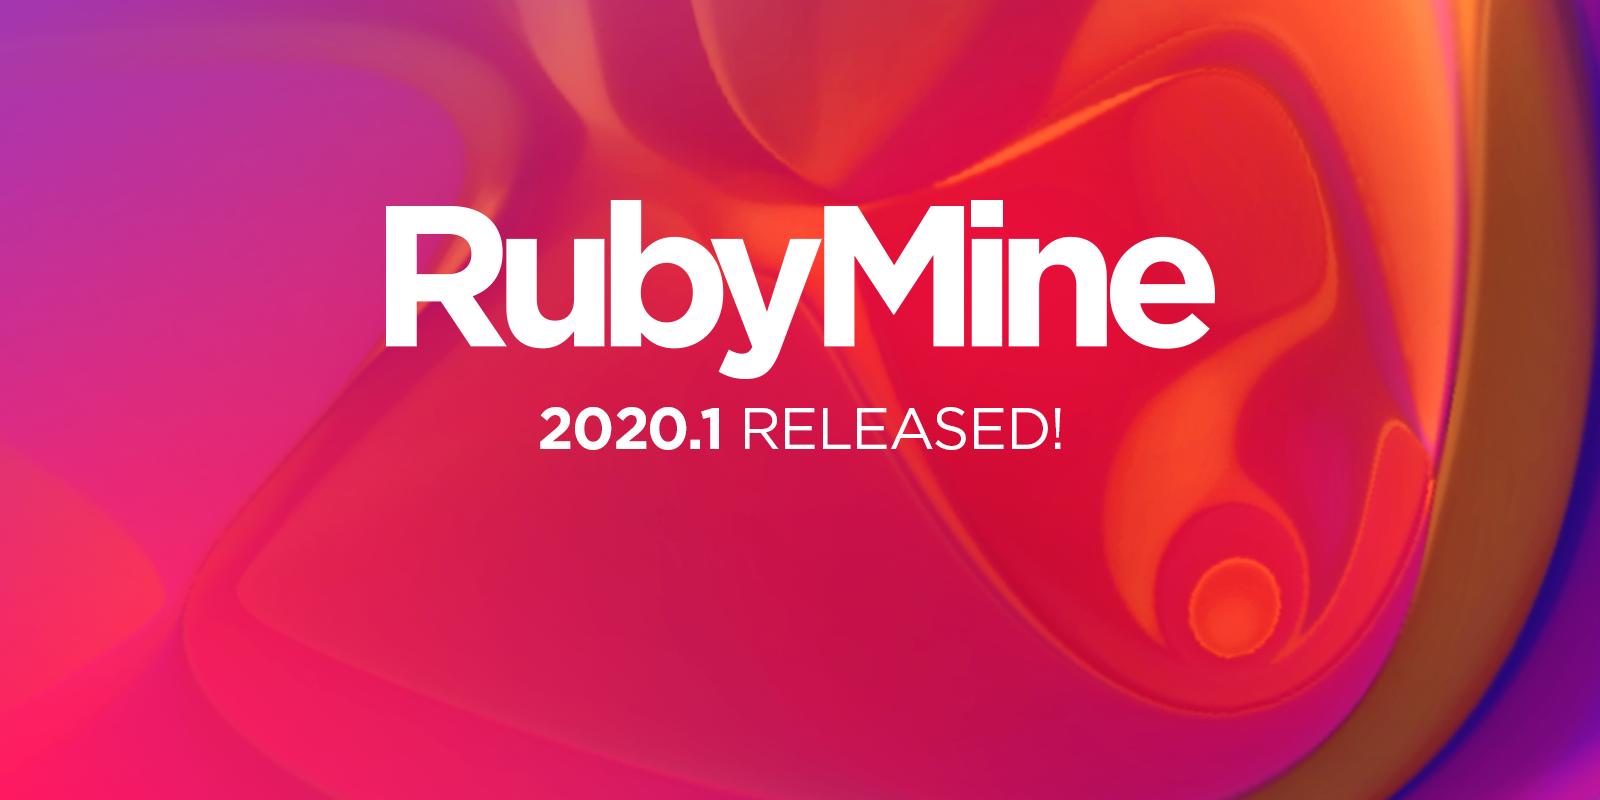 RubyMine 2020.1